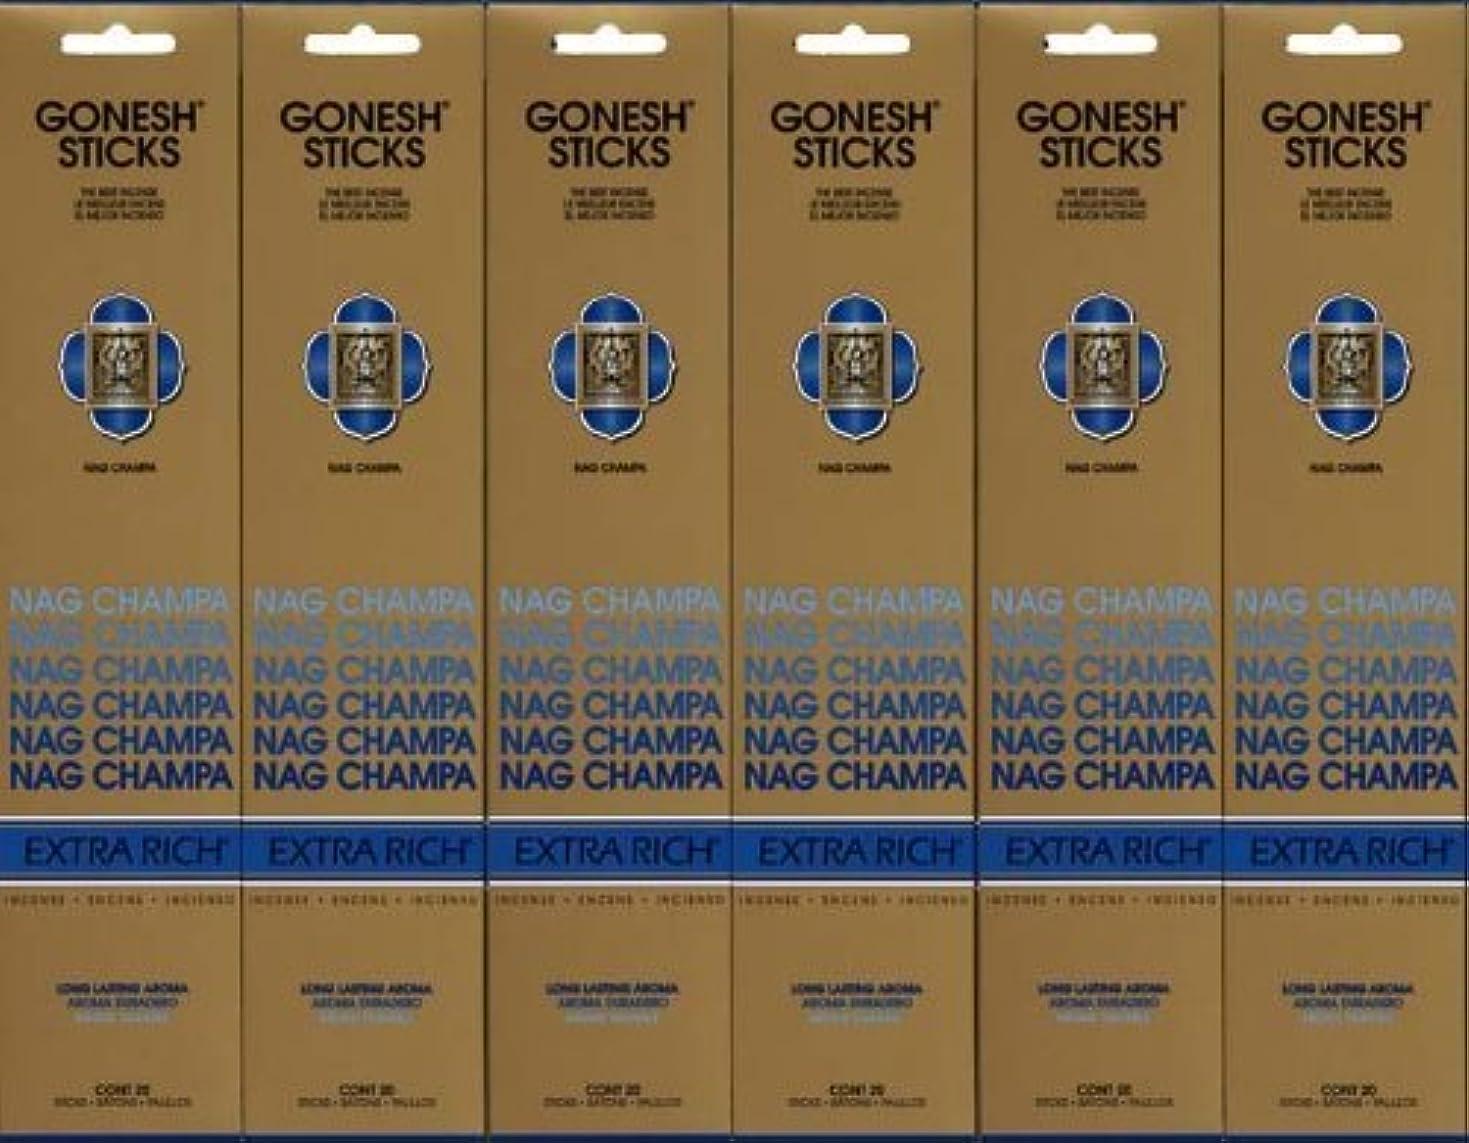 連想無効刑務所GONESH NAG CHAMPA ナグチャンパ スティック 20本入り X 6パック (120本)